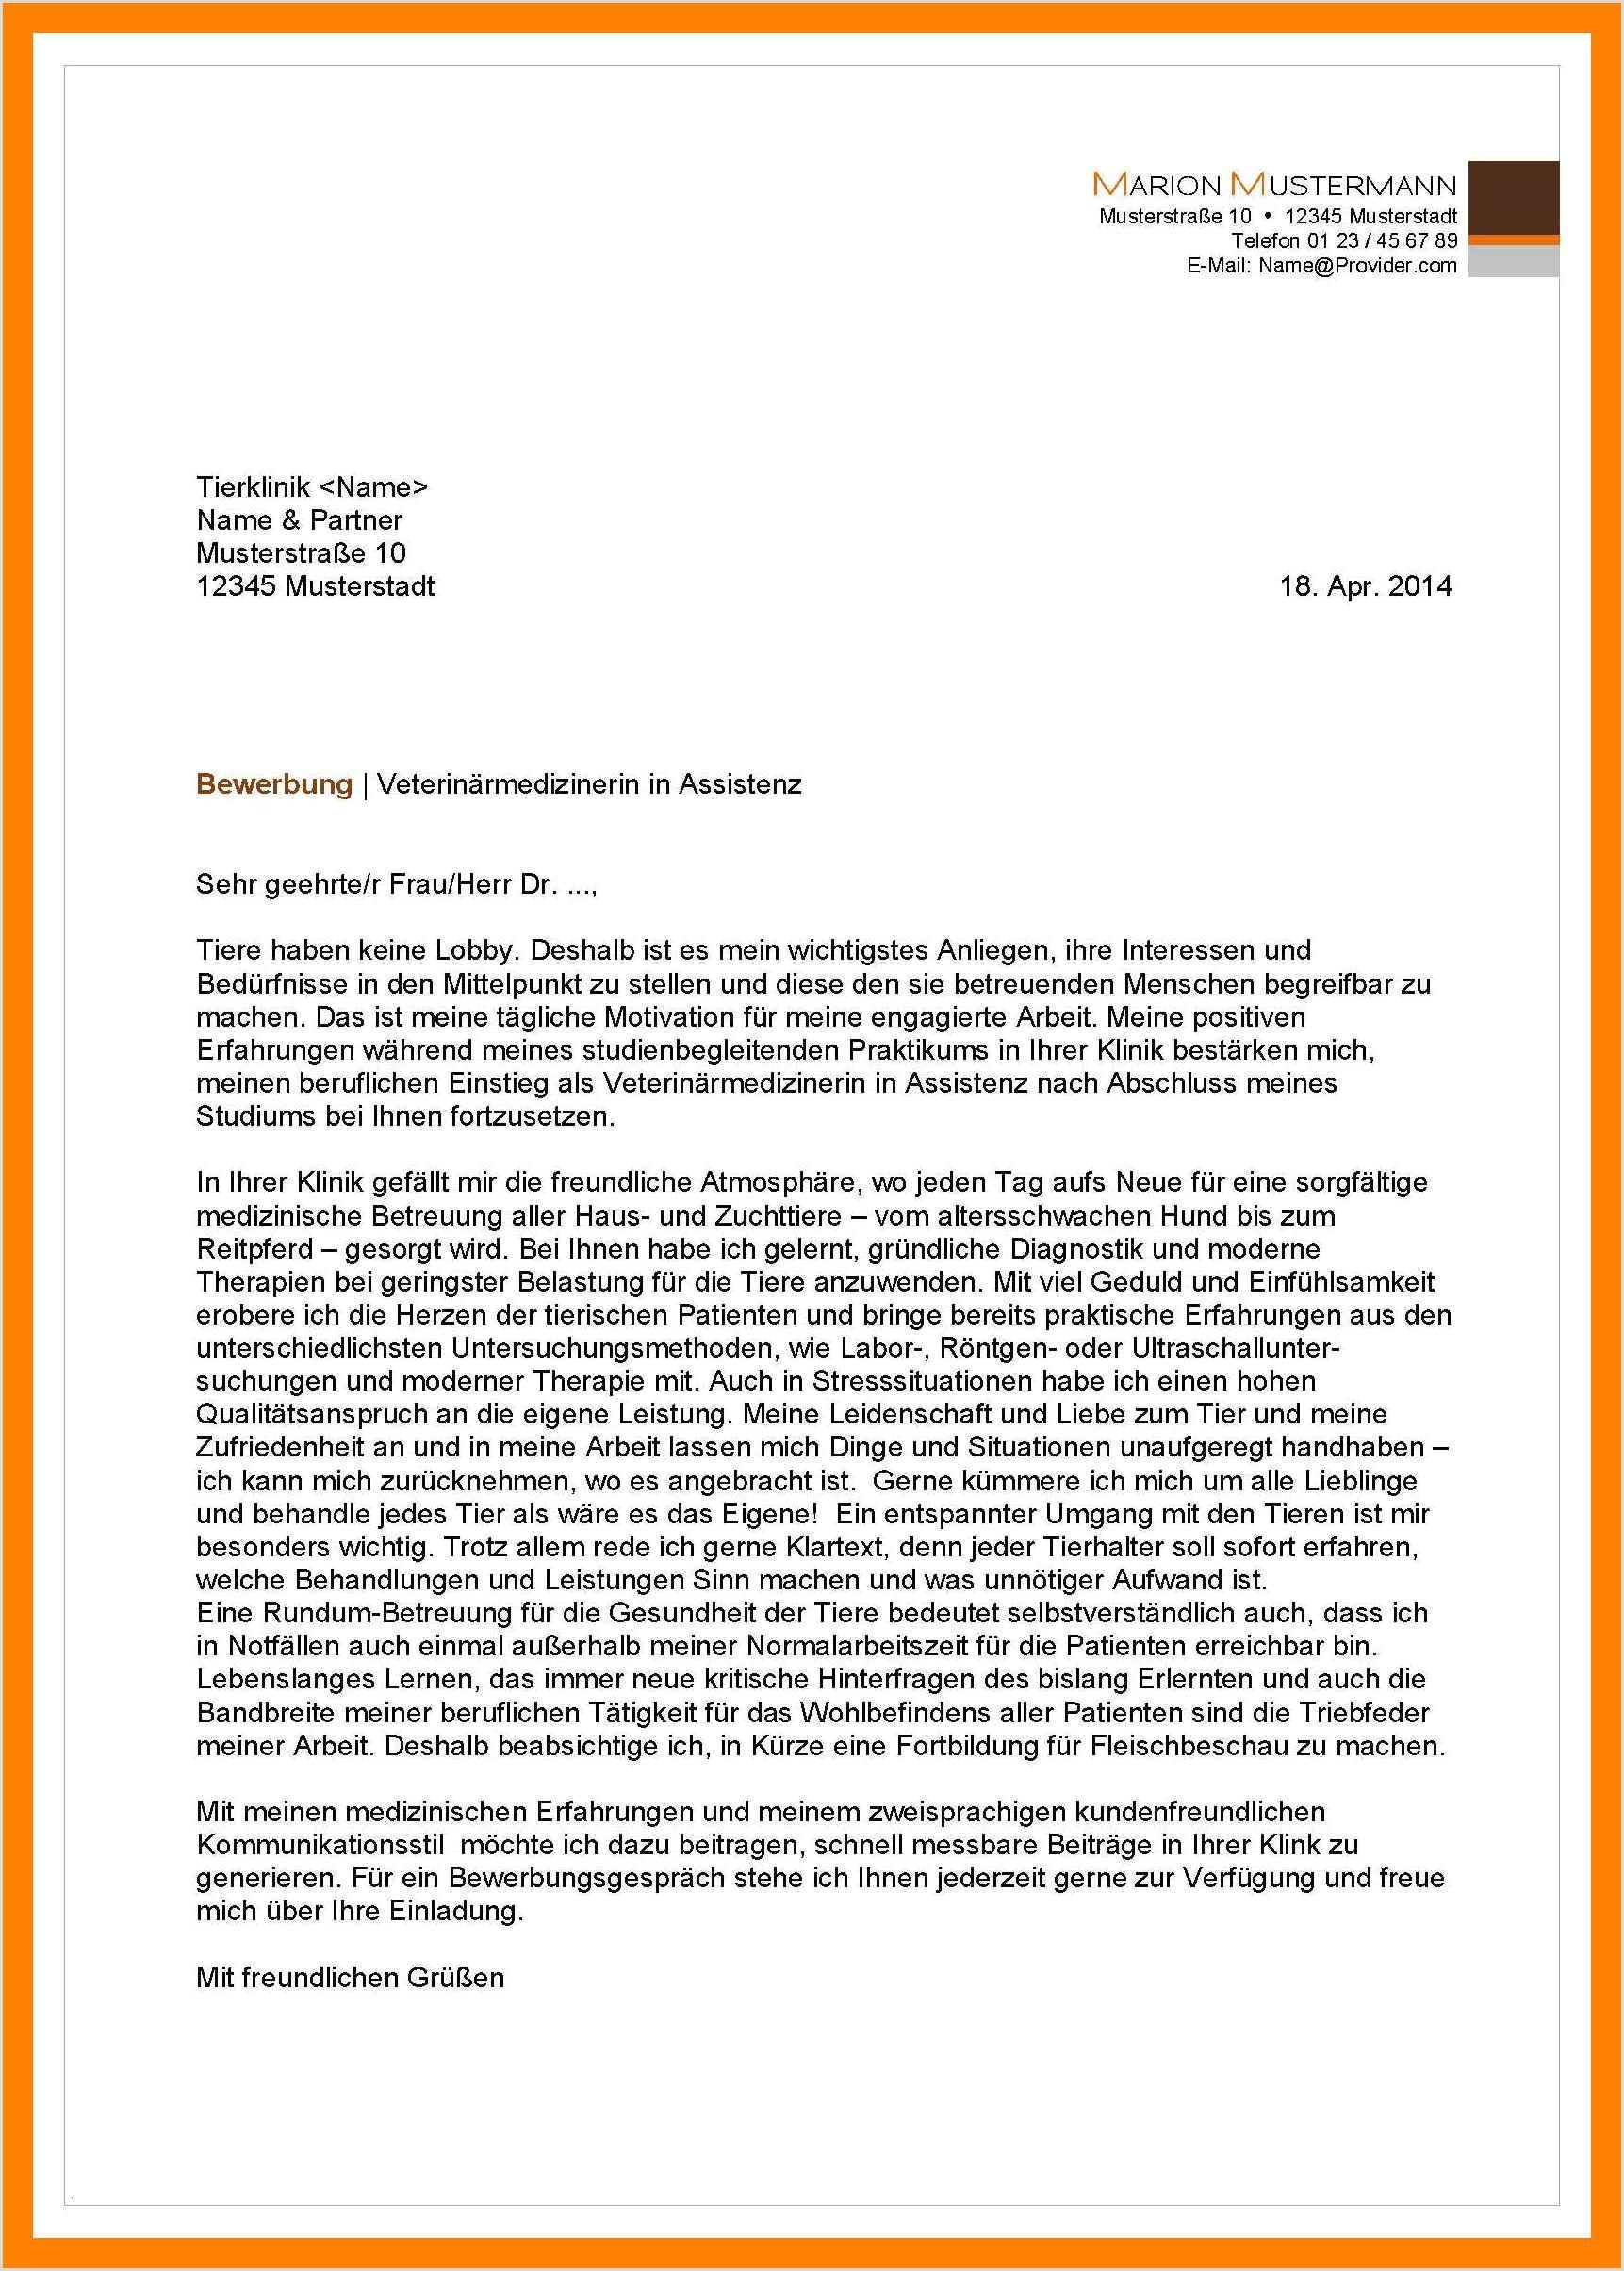 Lebenslauf Lehrer Muster 2013 In 2020 Temporary Work Letter Patterns Letter Sample